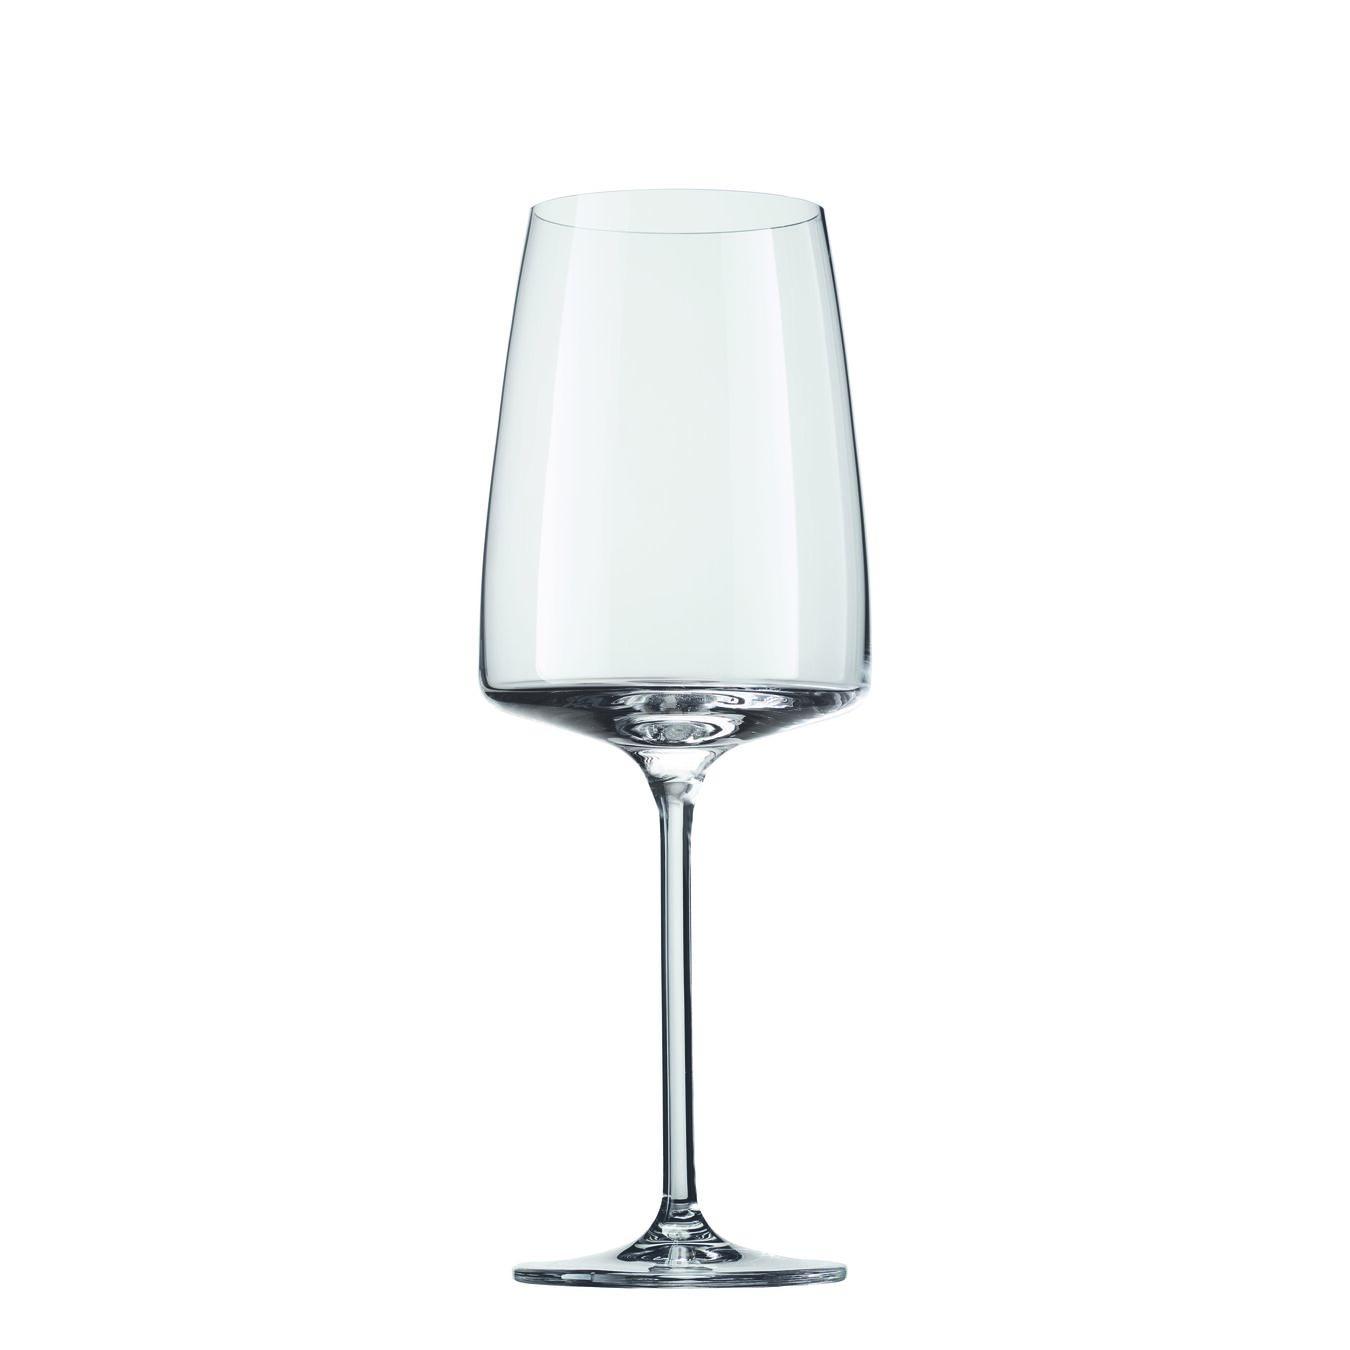 Kırmızı Şarap Kadehi, 530 ml,,large 1